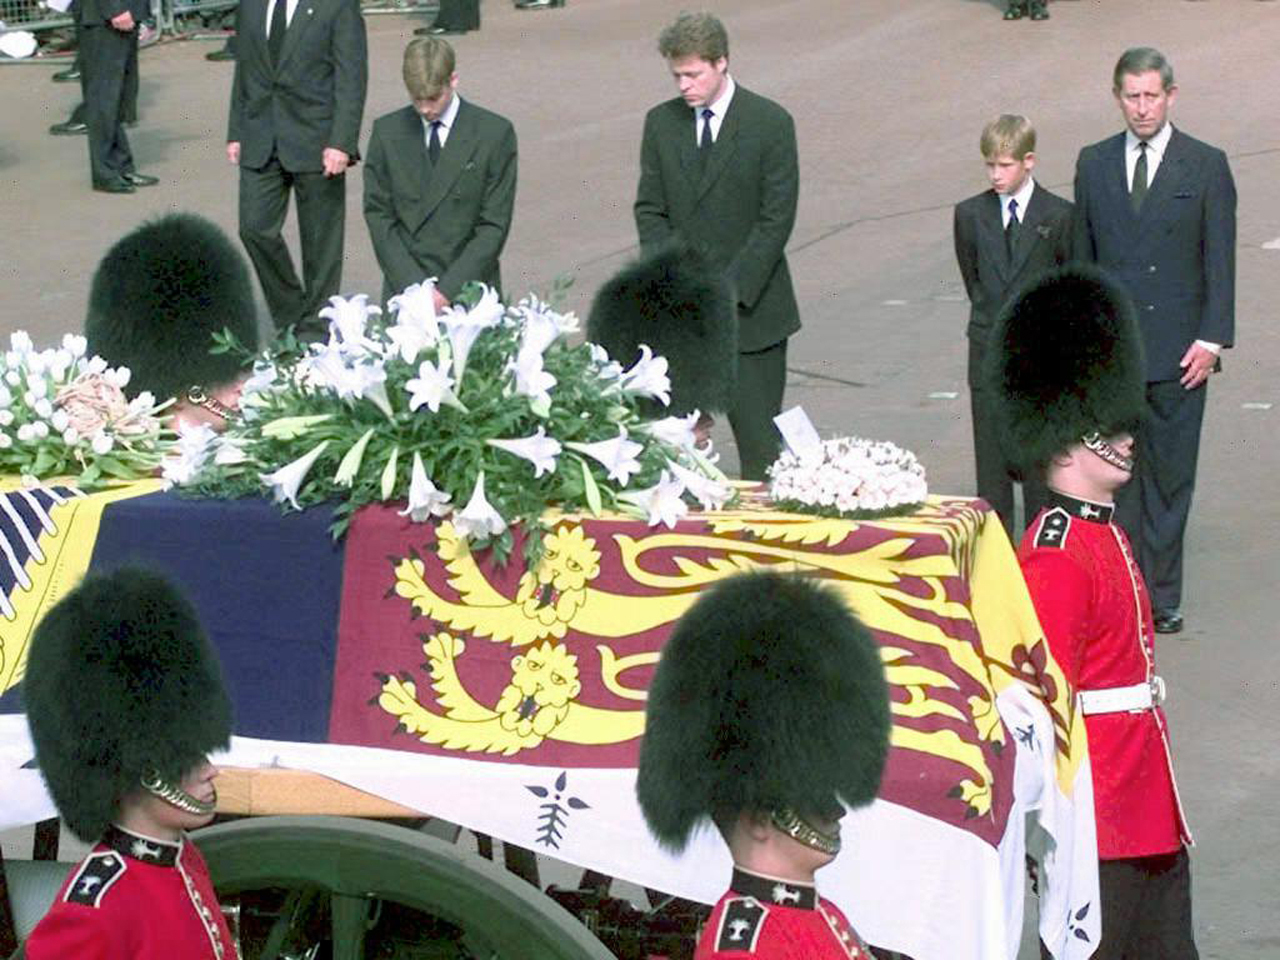 The Death Of Diana Cbs News